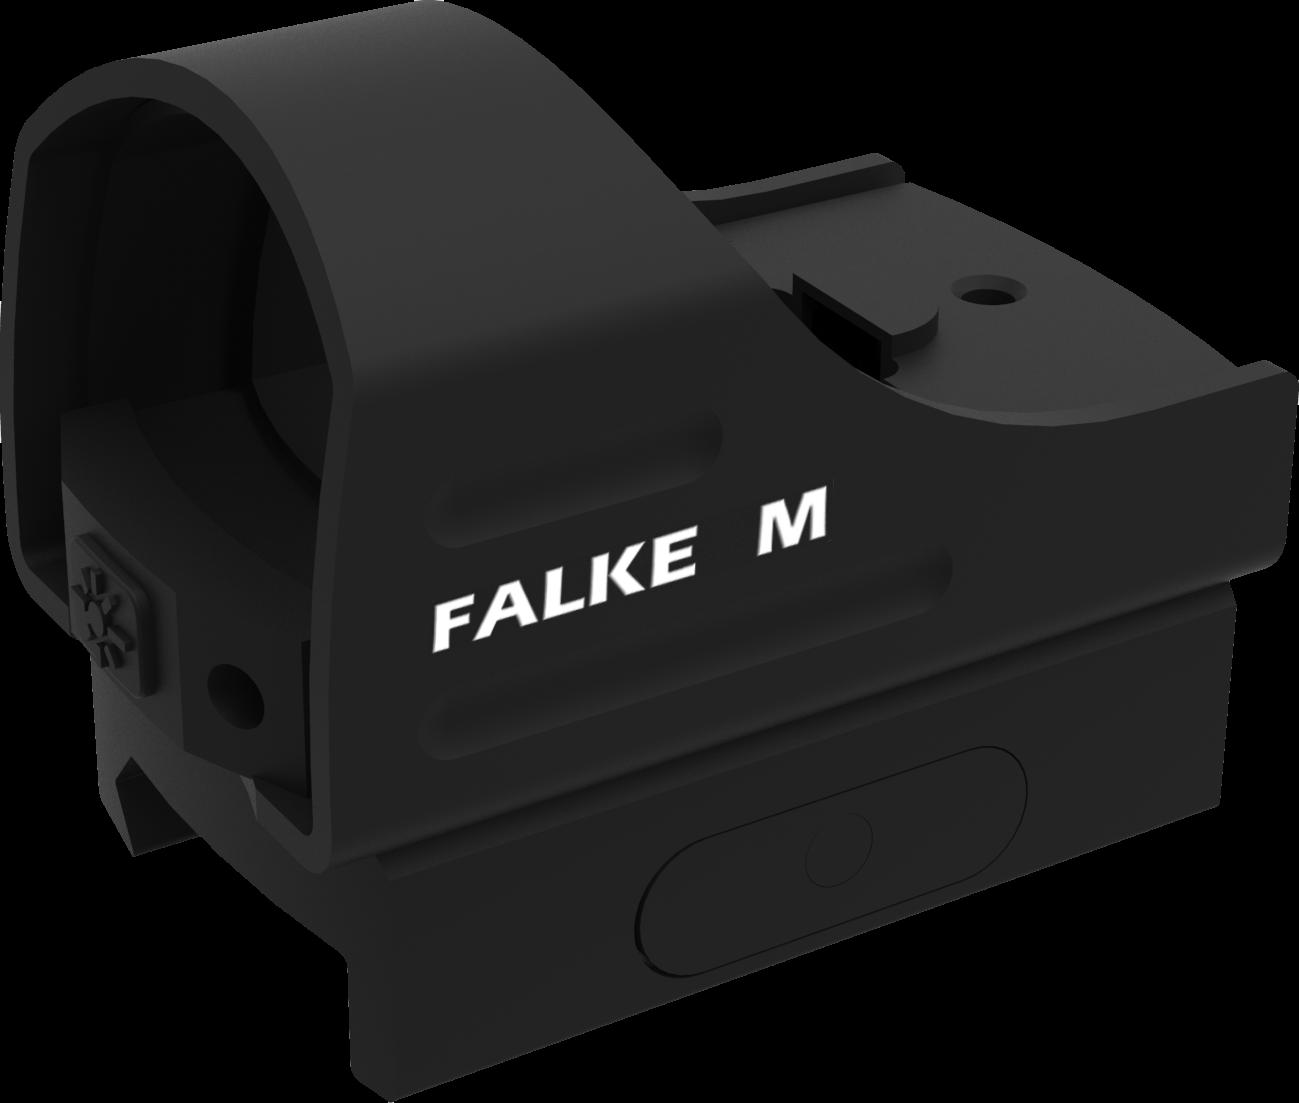 Falke M Reflexvisier